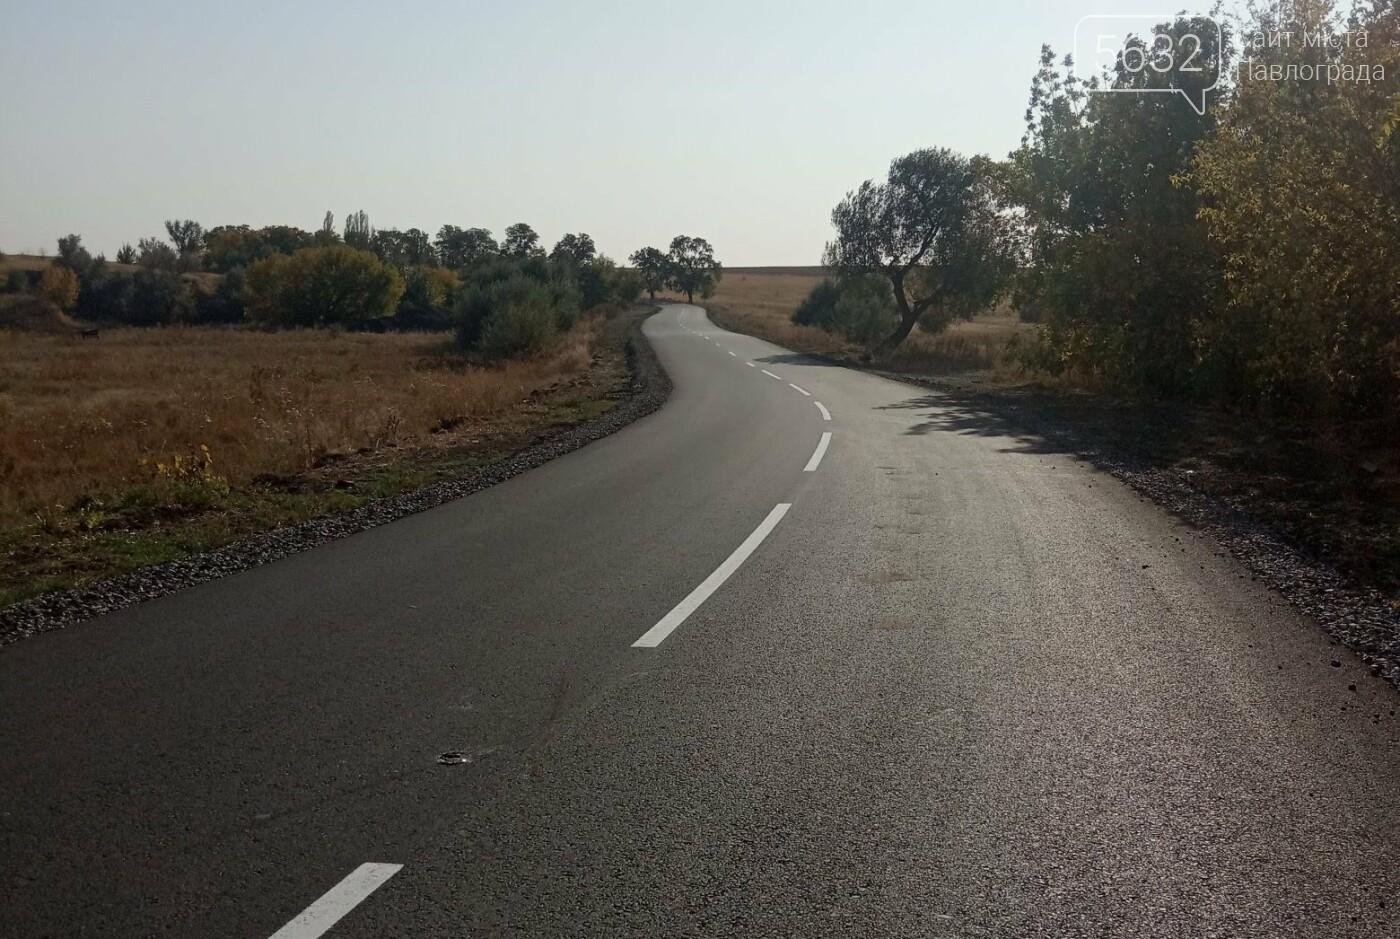 Завершен капремонт автодороги, соединяющей три населенных пункта Павлоградского района с трассой М-04, фото-1